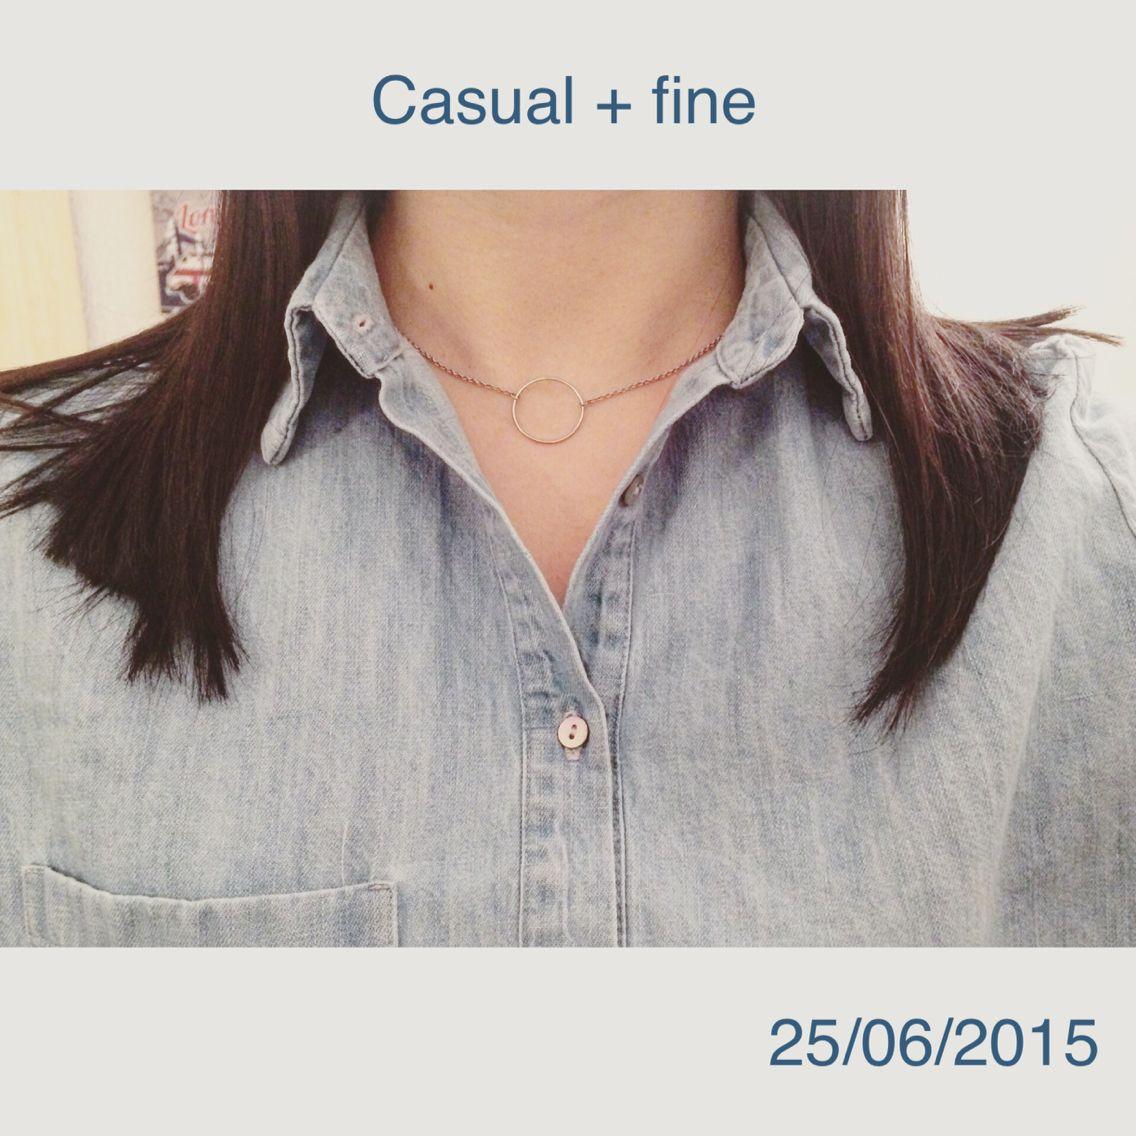 Casual + fine